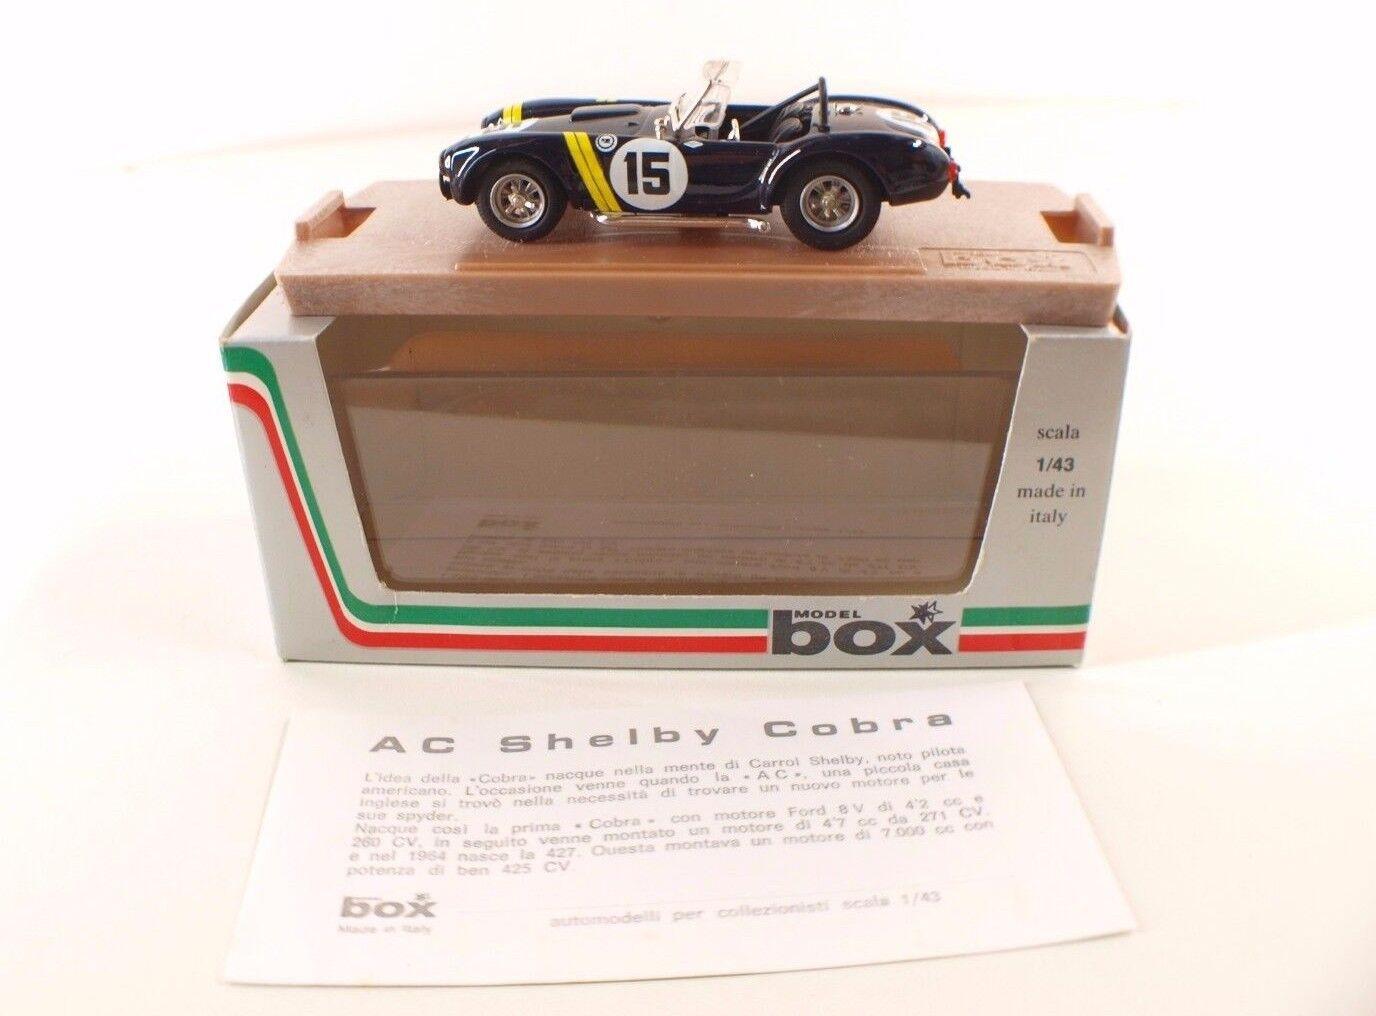 modellllerlero låda Ref 8414 AC Shelby Cobra Sebring 1963  43 Hecho en Italia Nuevo